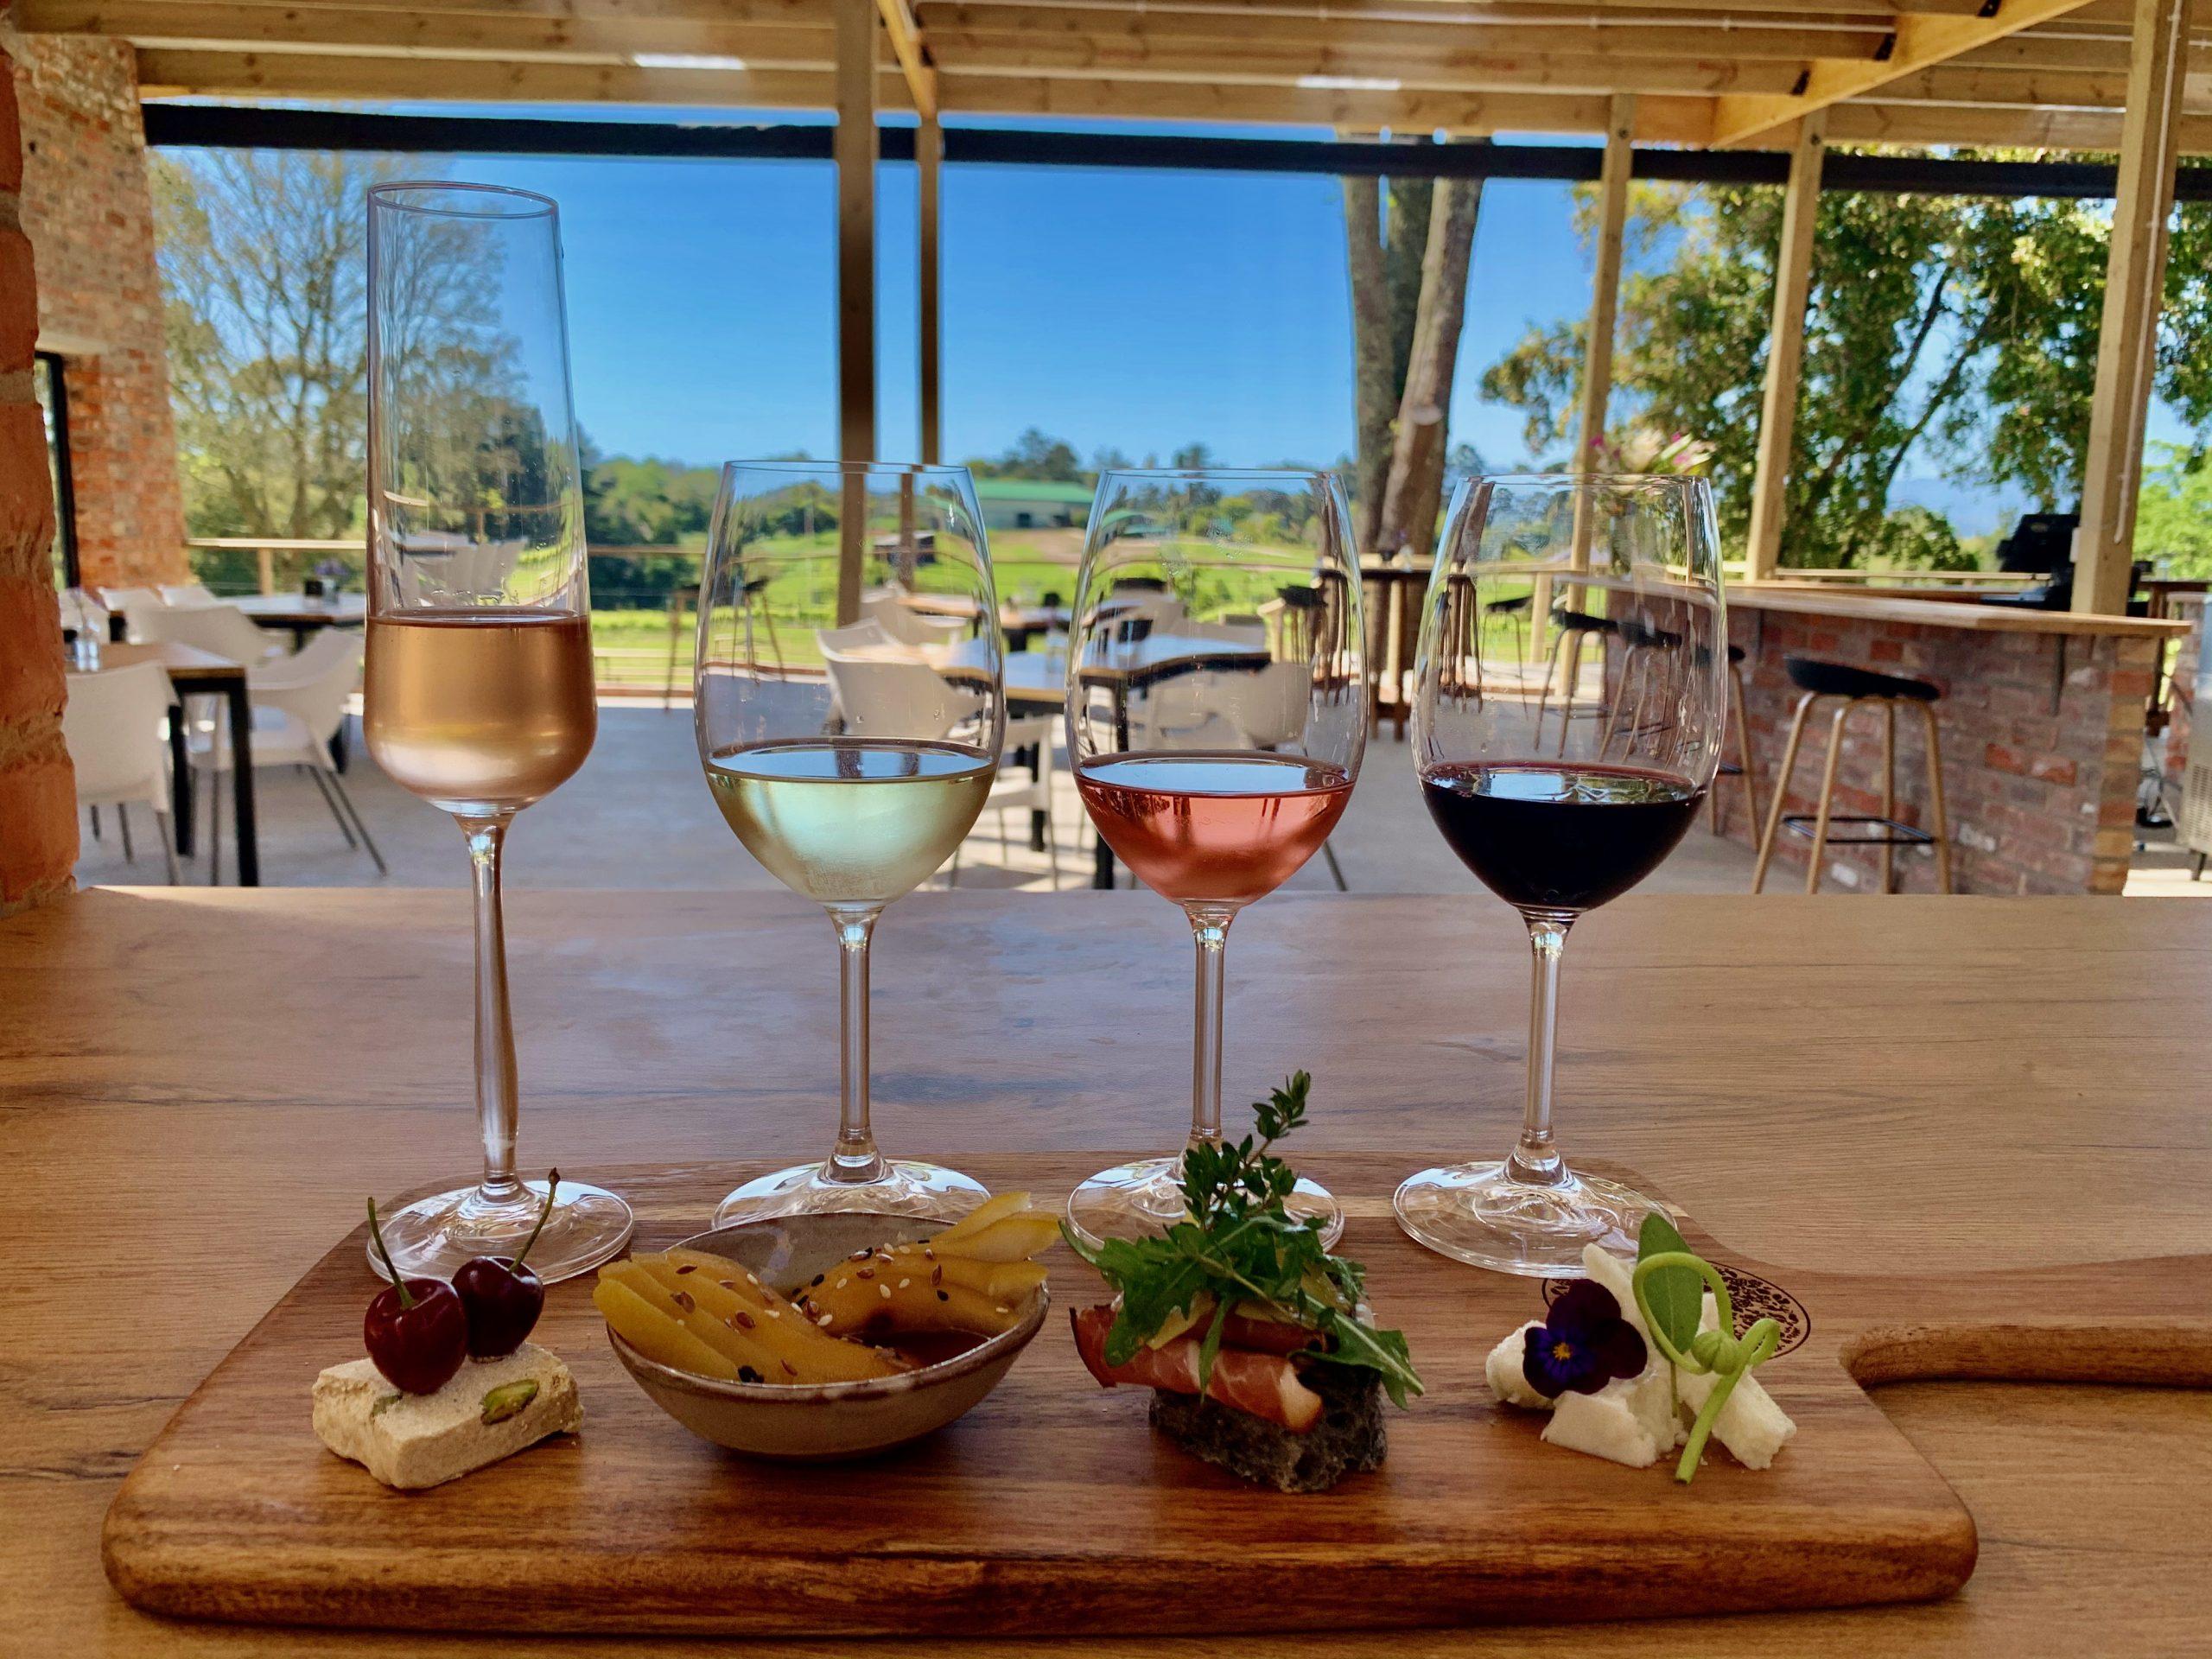 Luka Cafe in the Plett Winelands